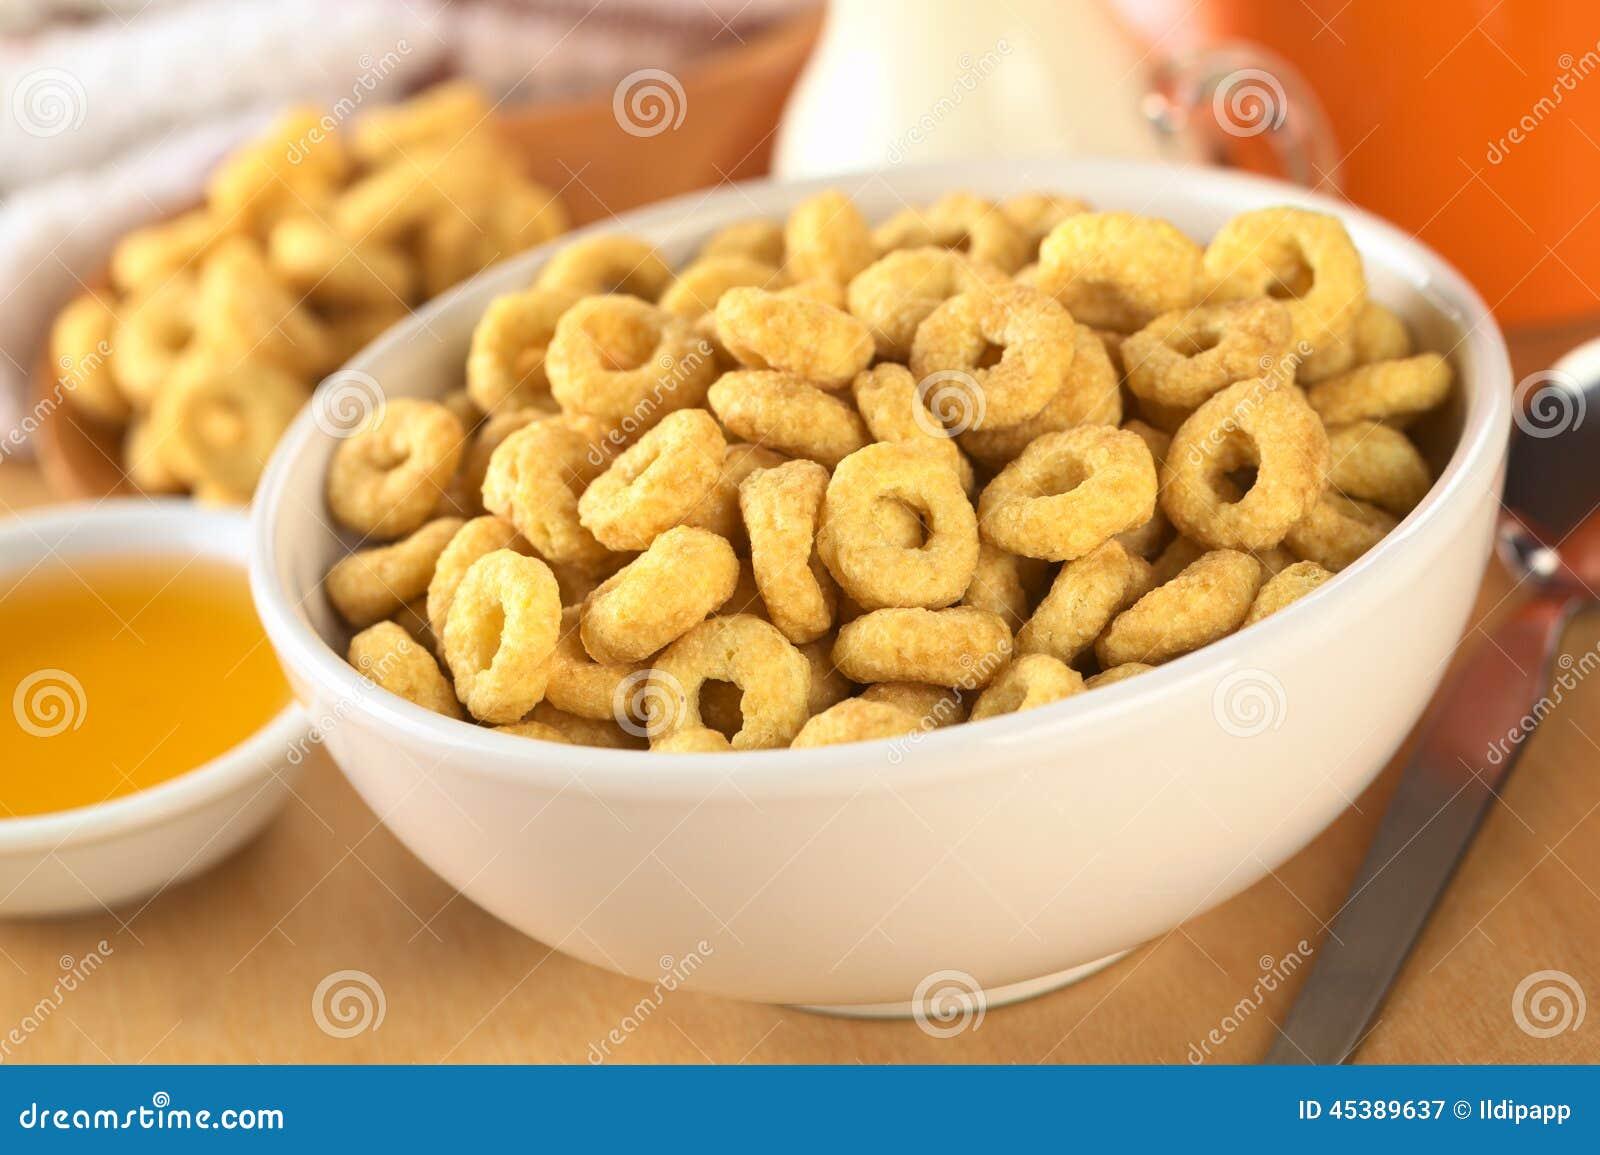 碗蜂蜜充分调味了谷物圈(选择聚焦,聚焦三分之一入碗).图片